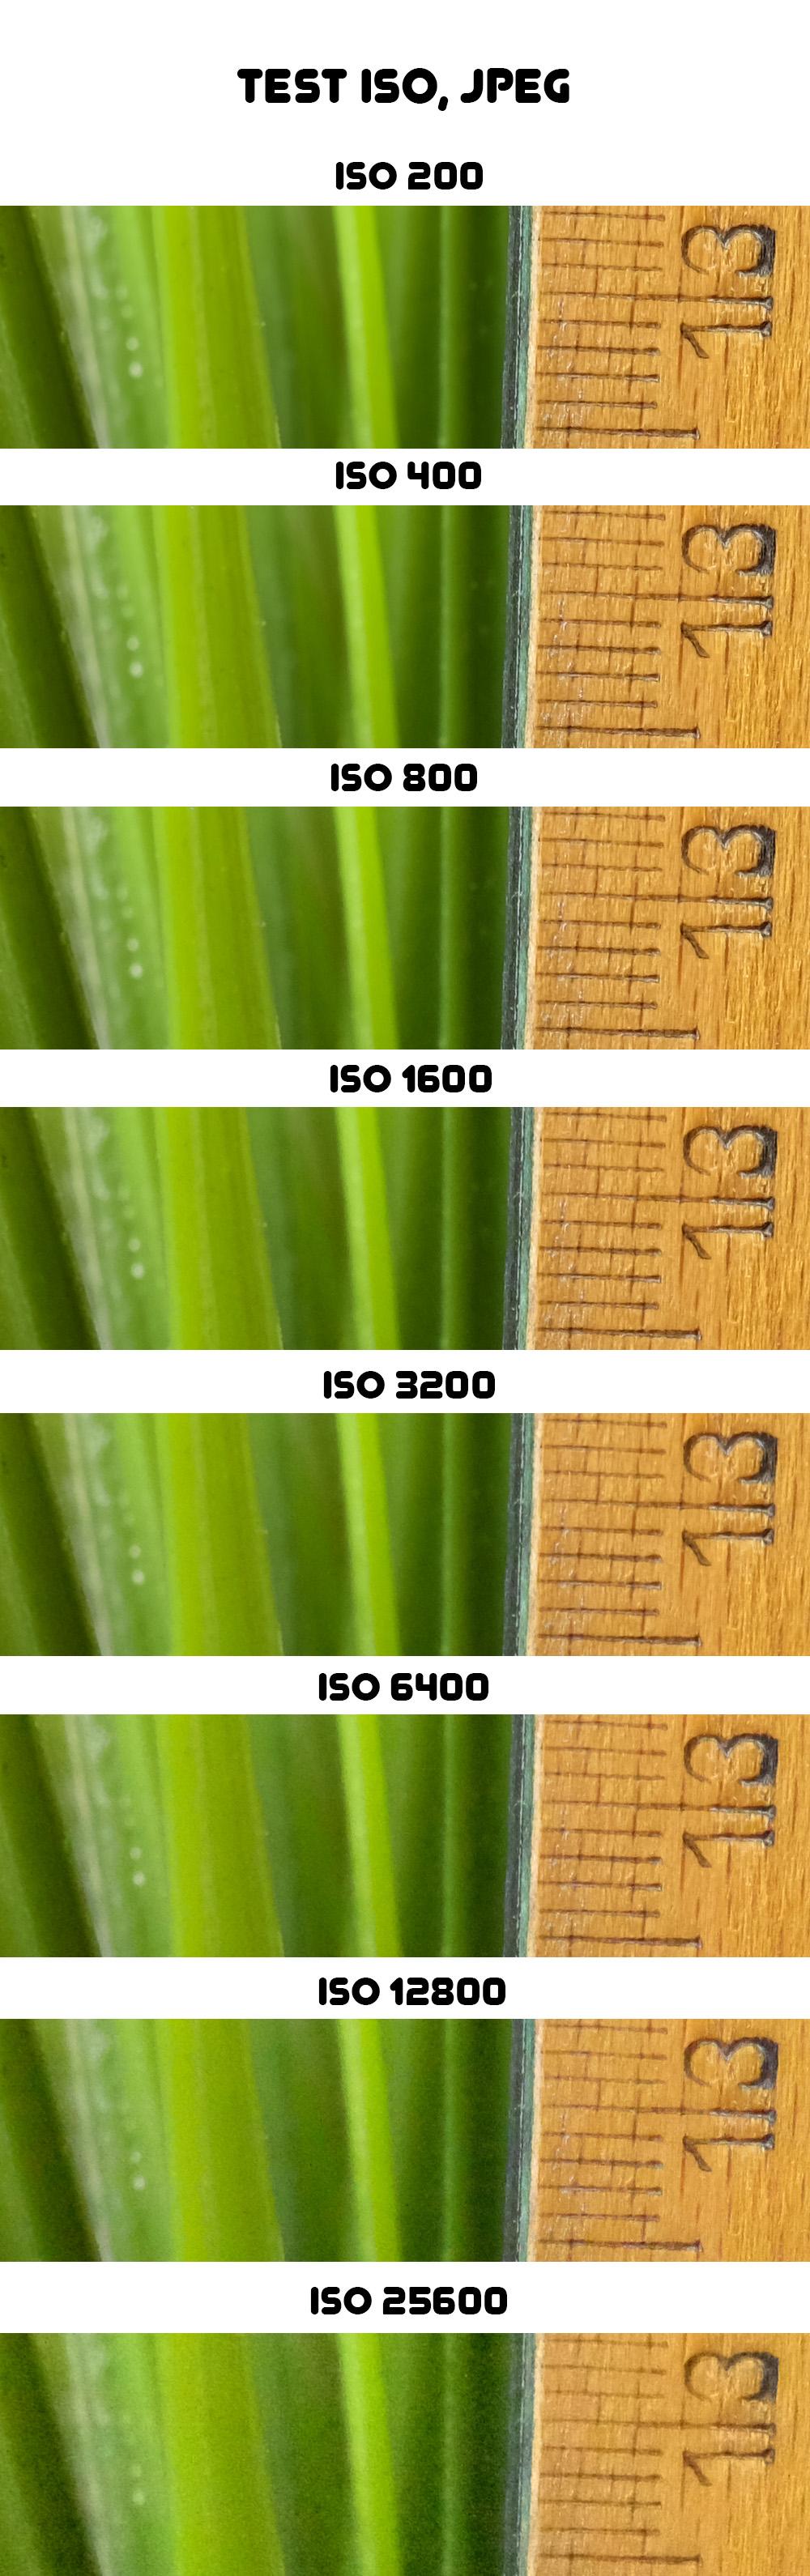 Fujifilm X-T1 - test ISO, JPEG